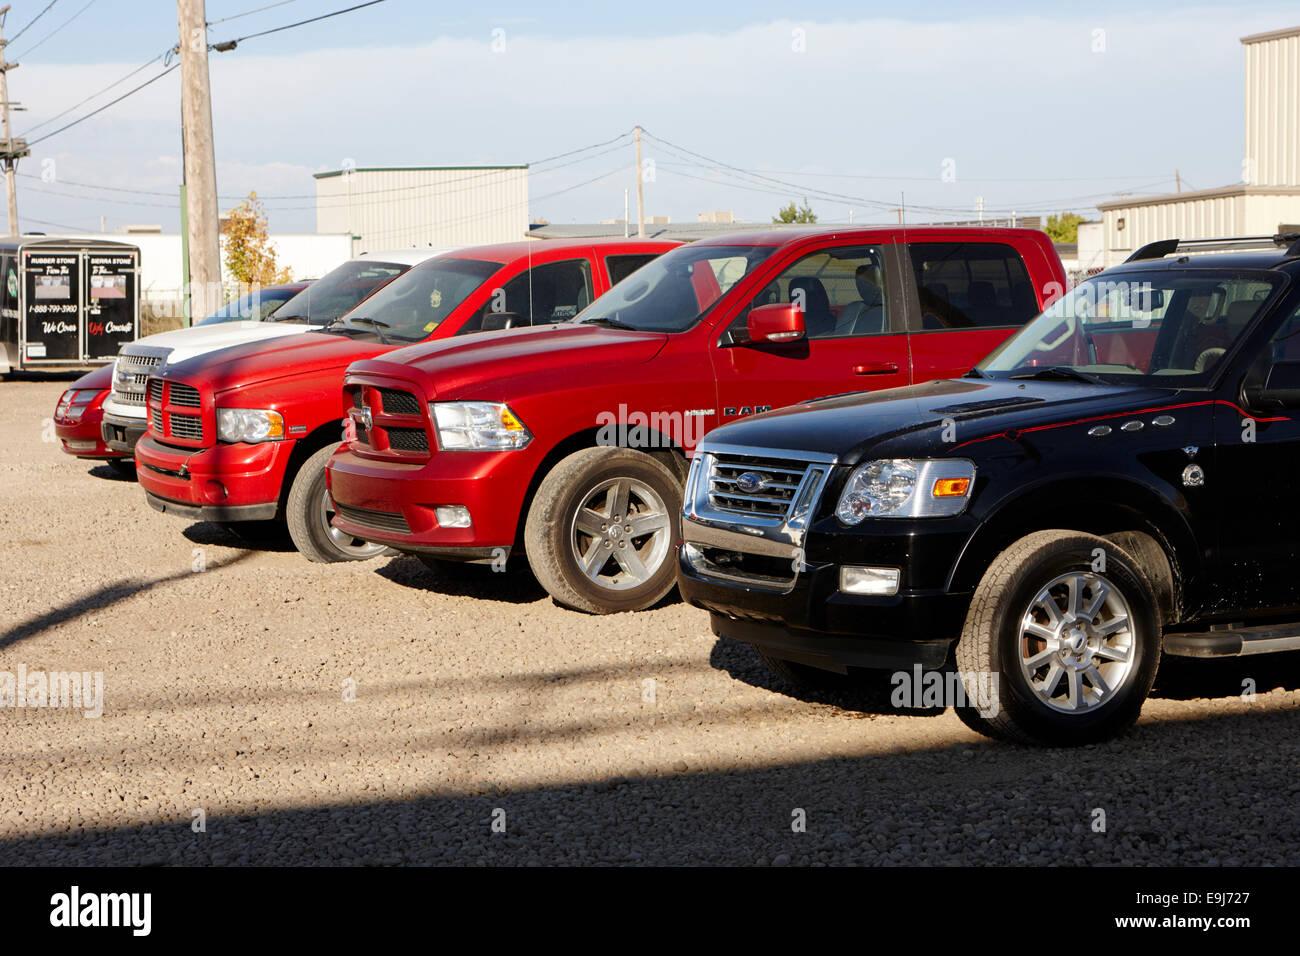 Used Cars Saskatchewan: Used Car Sales Stock Photos & Used Car Sales Stock Images